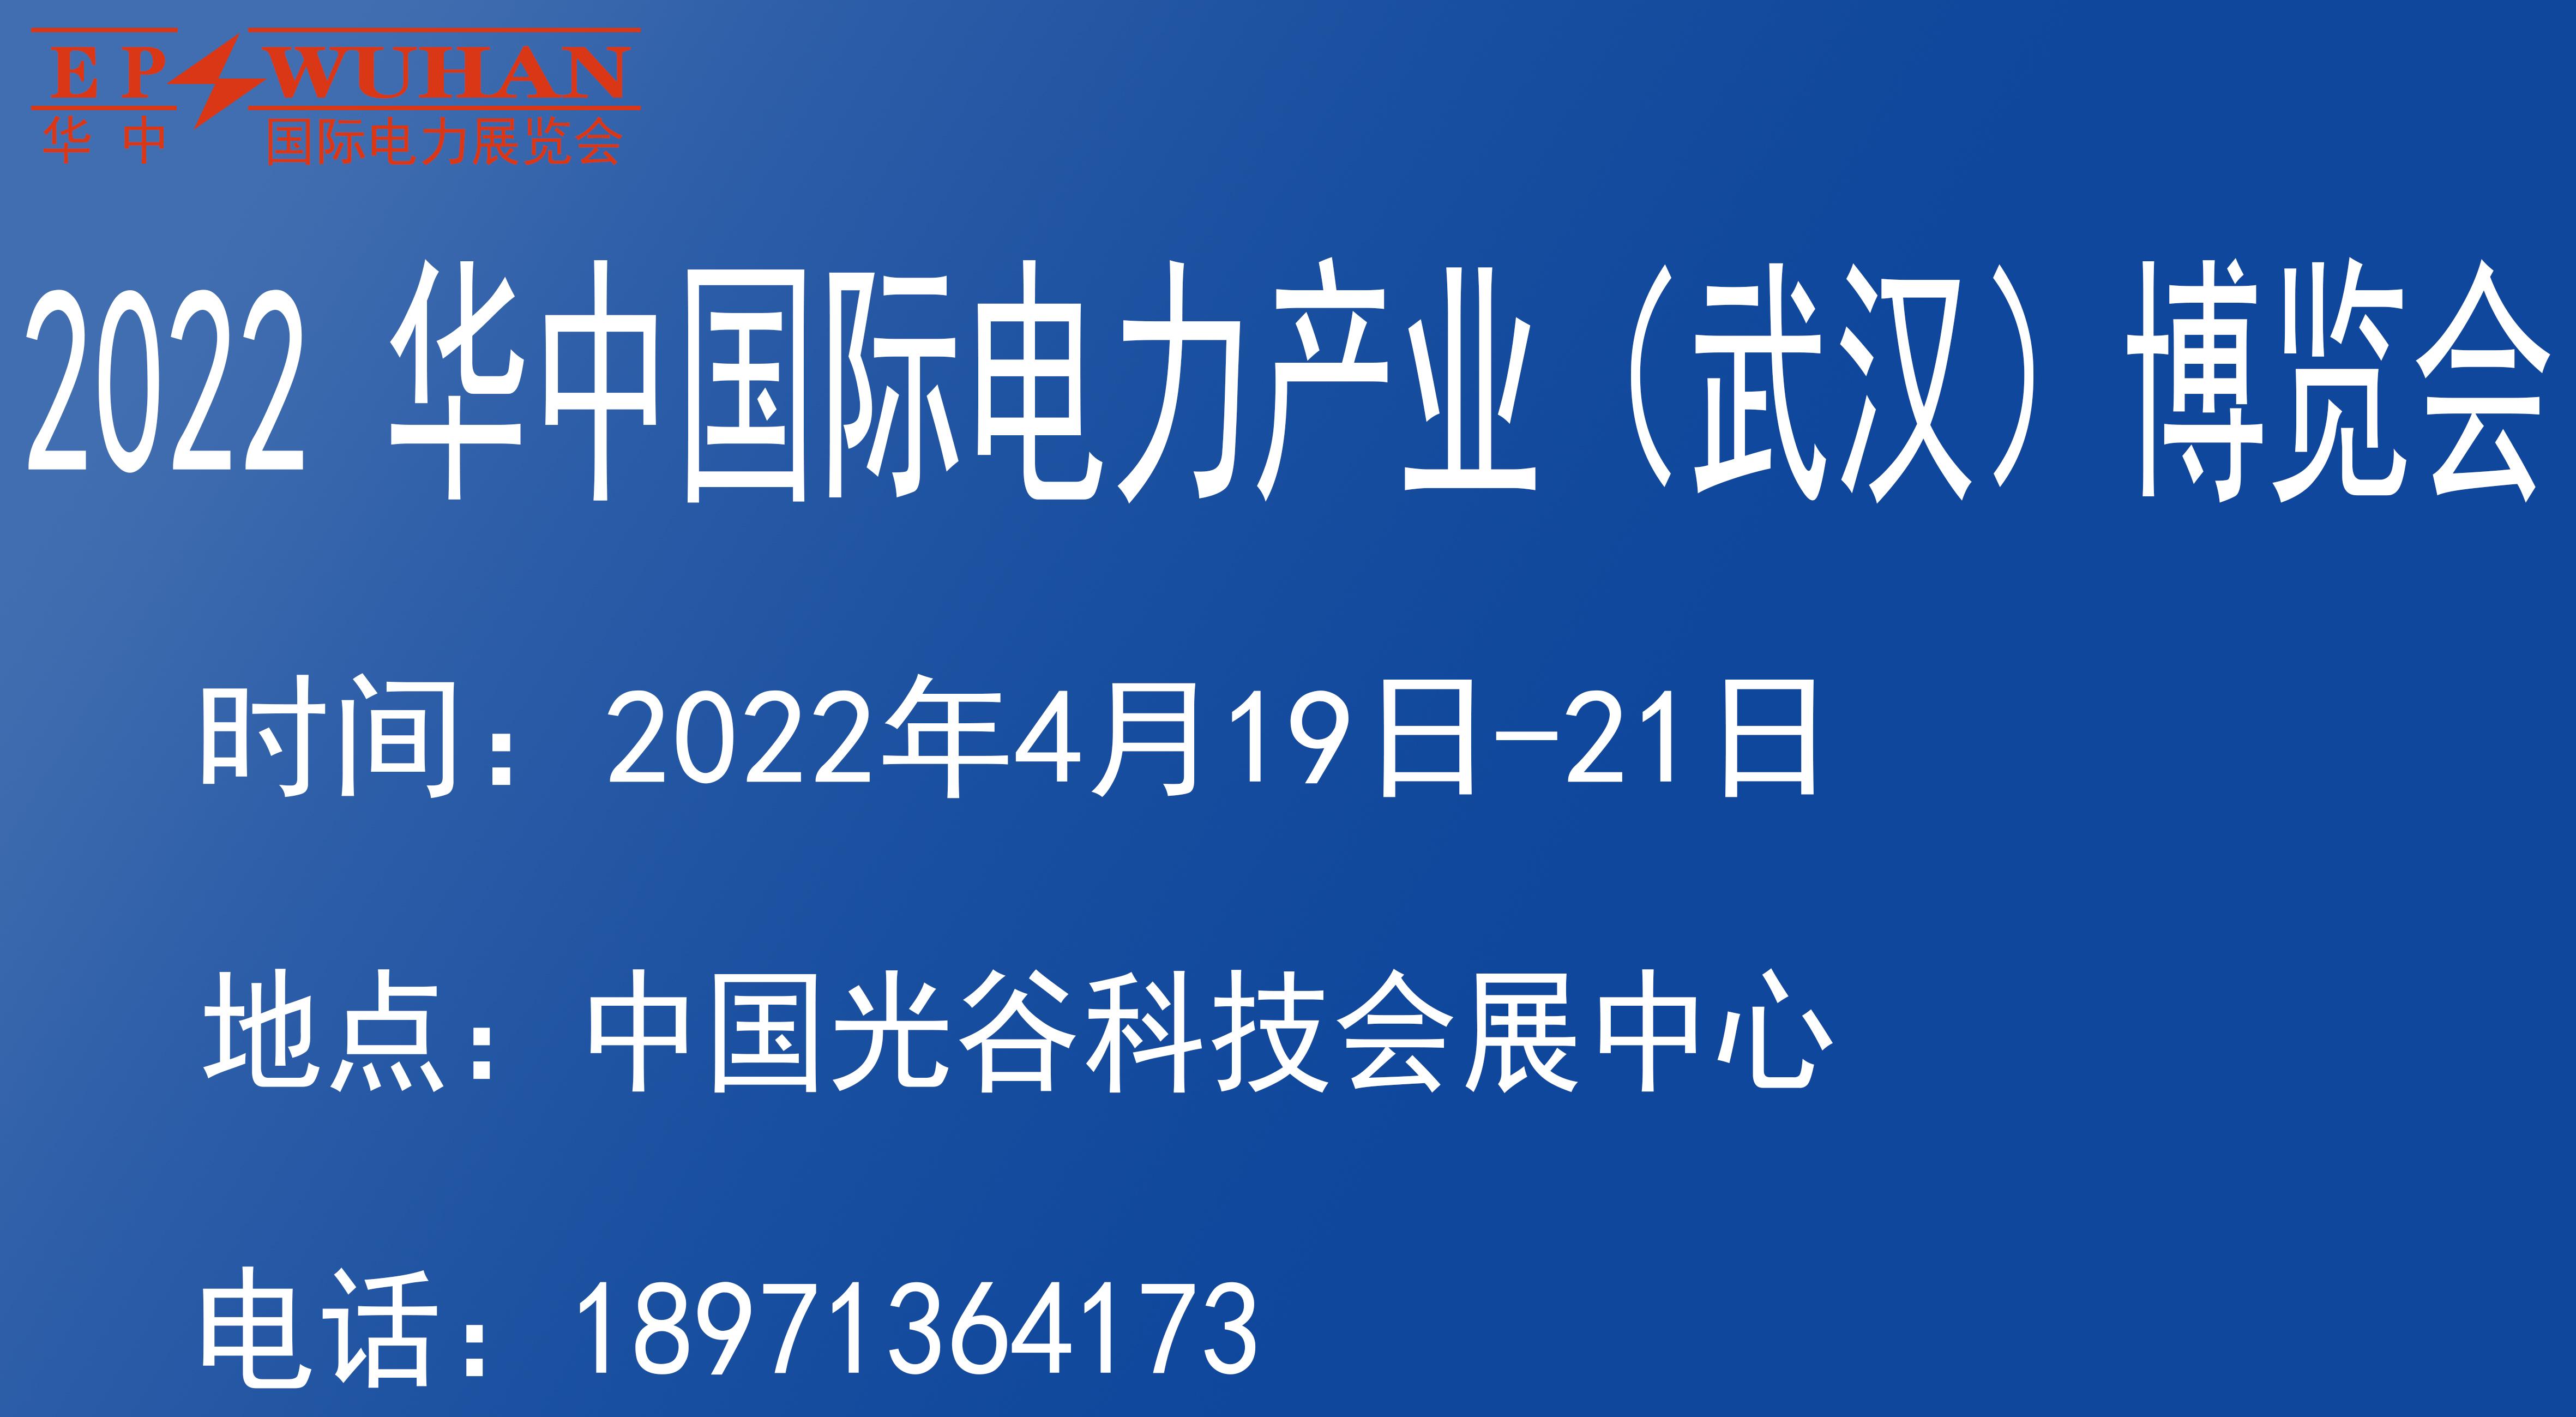 2022第二届华中国际光伏及清洁能源(武汉)展览会